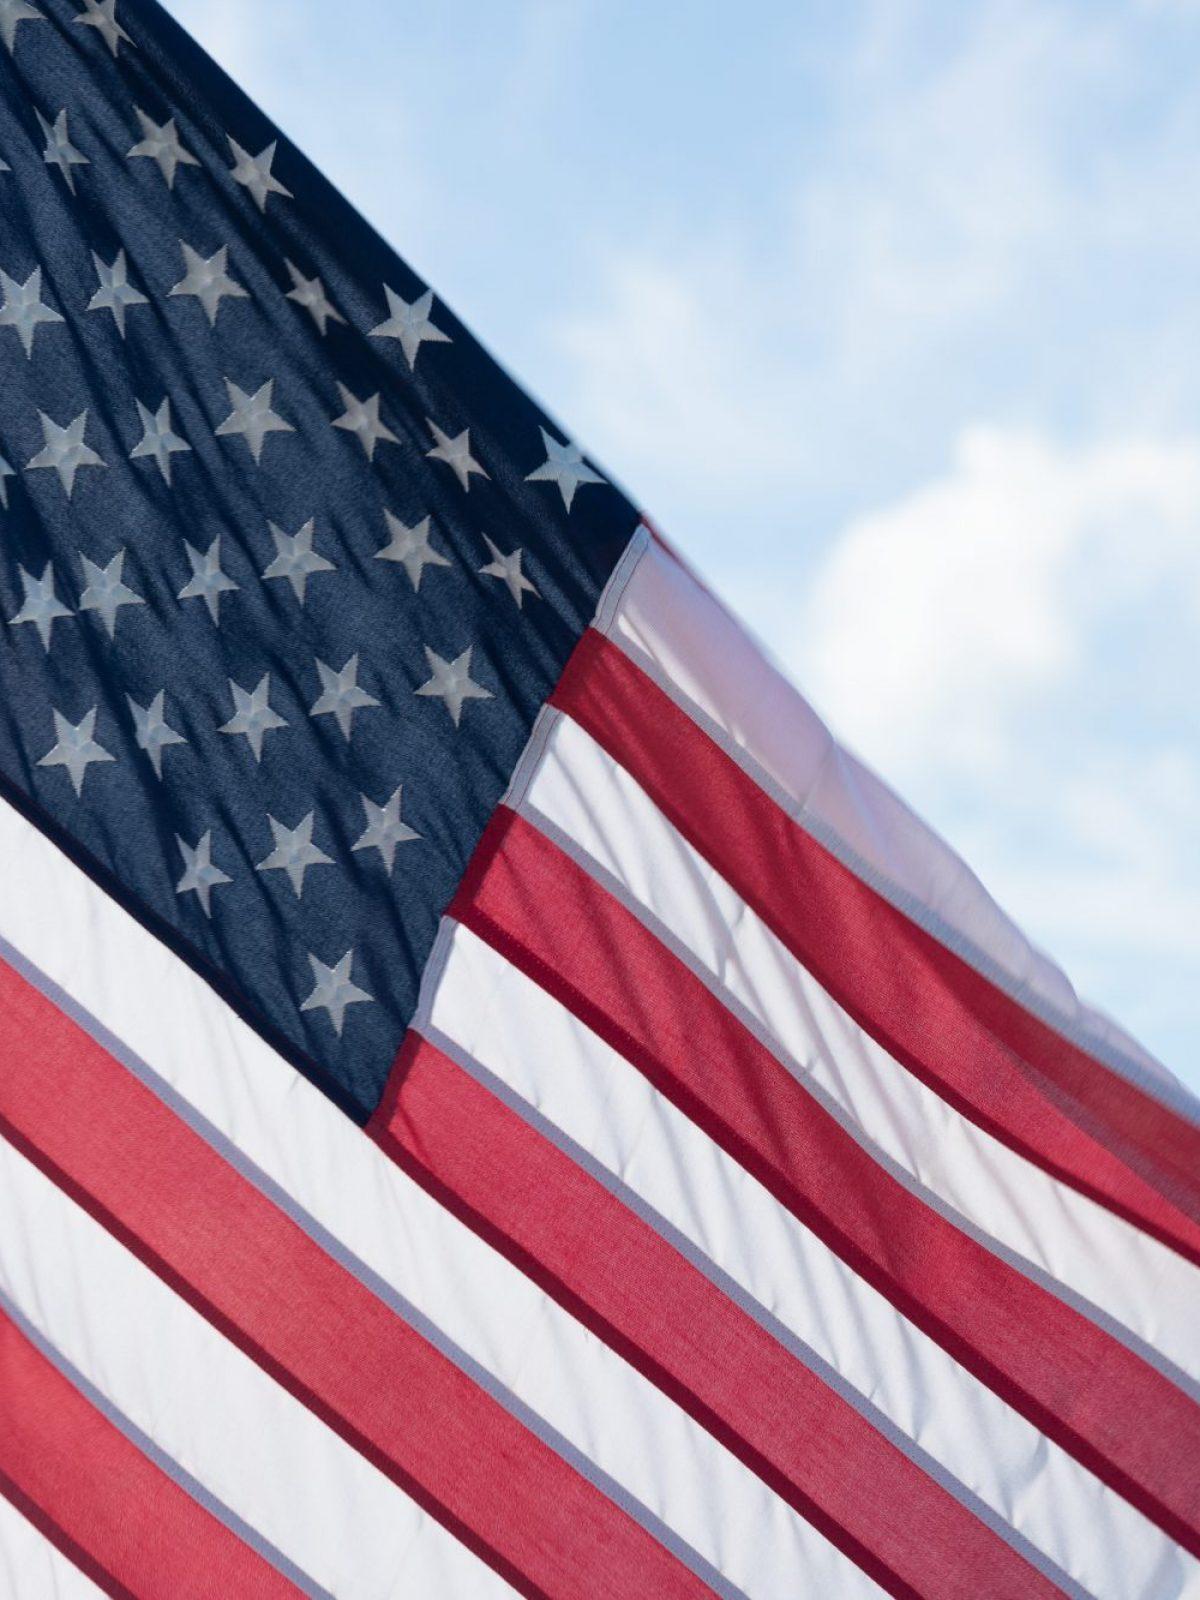 kamala harris, equality in america, biden/harris 2020, bipartisanship, american flag